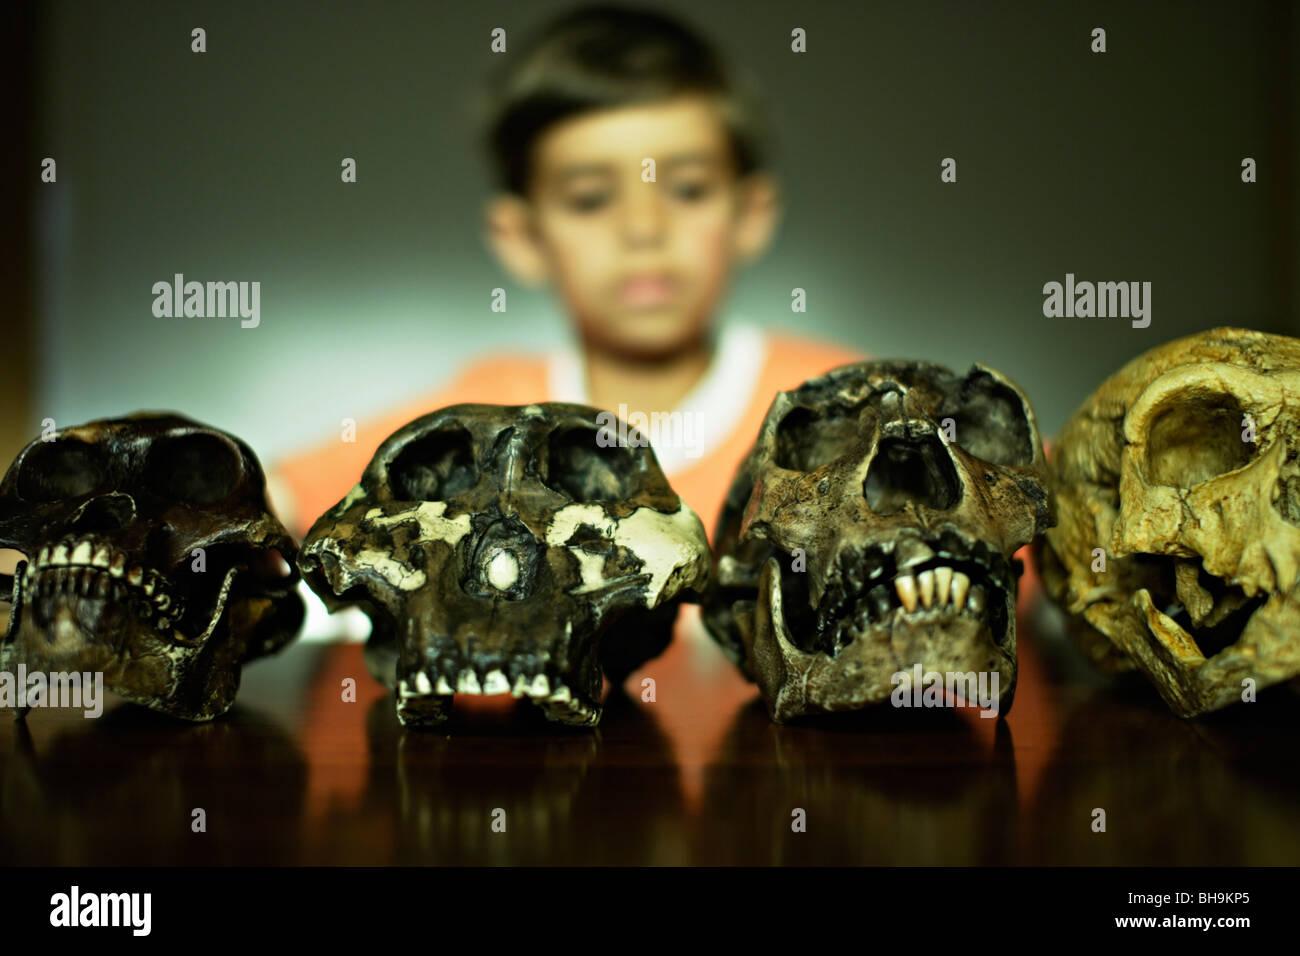 Garçon regarde la reproduction des crânes d'ancêtres disparus Photo Stock